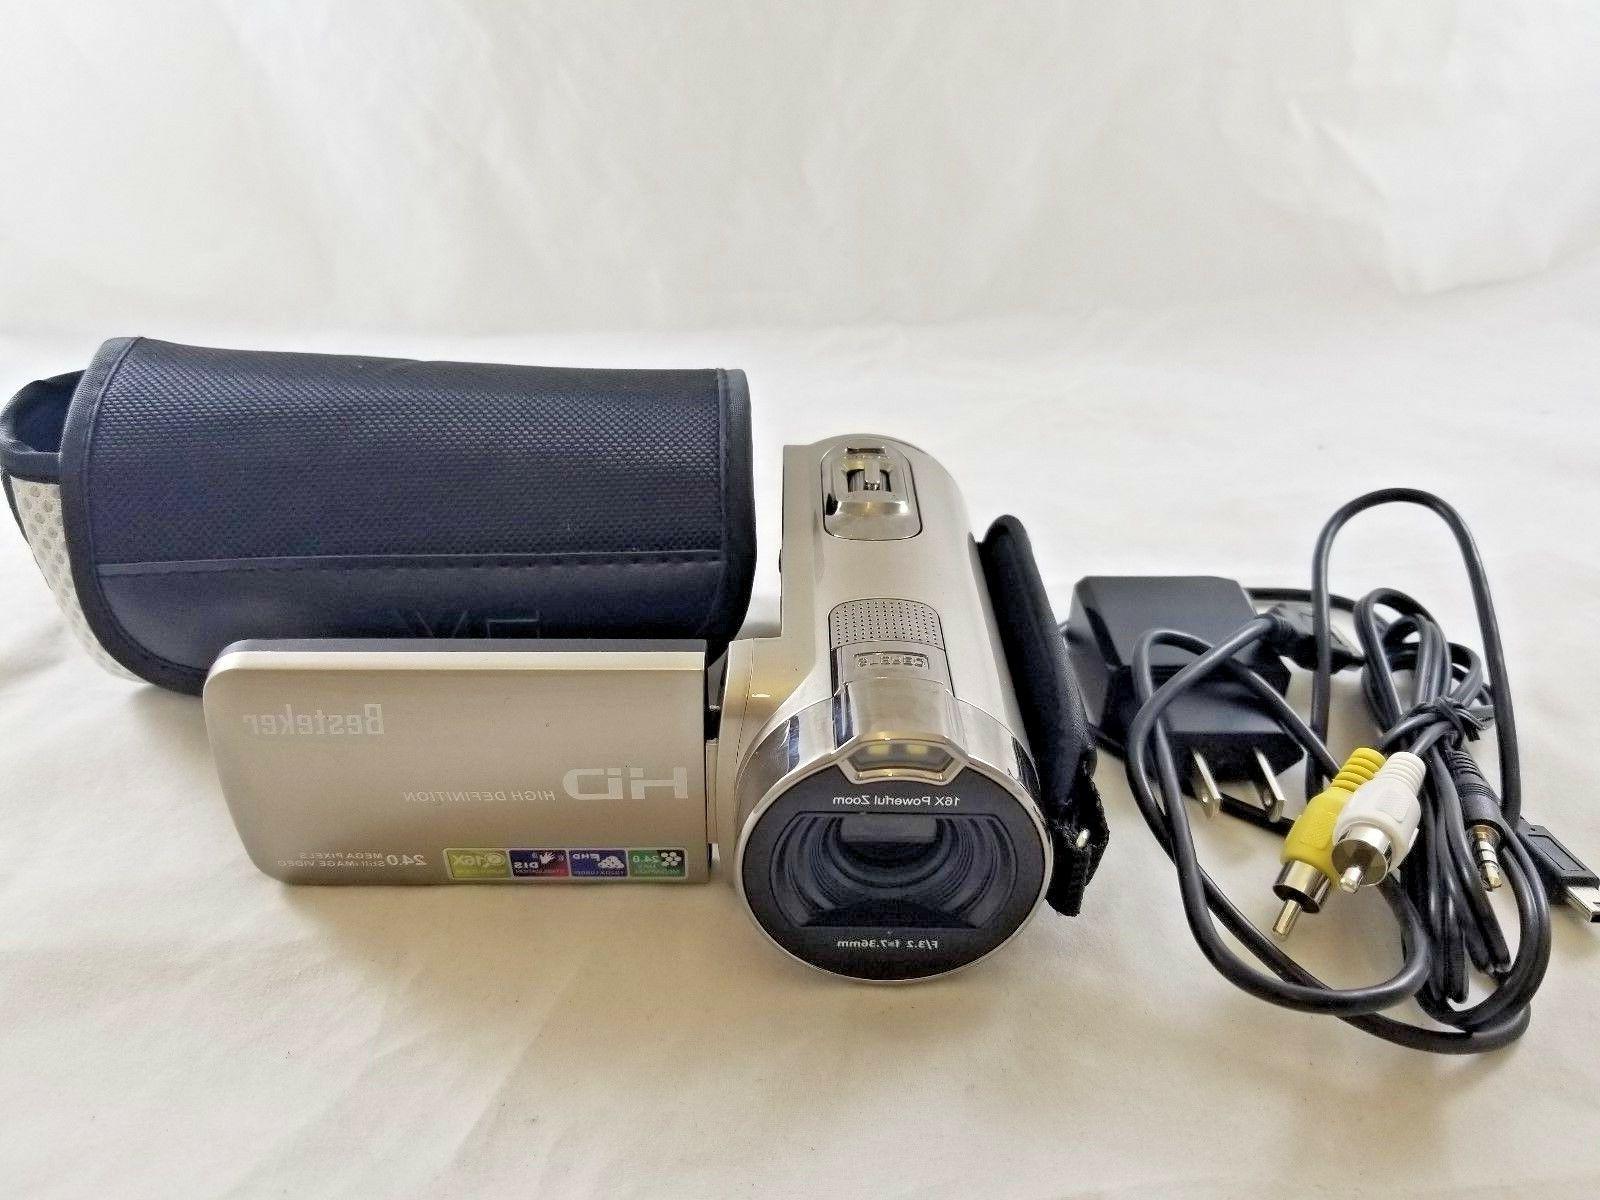 Besteker Full HD Camcorder GOLD